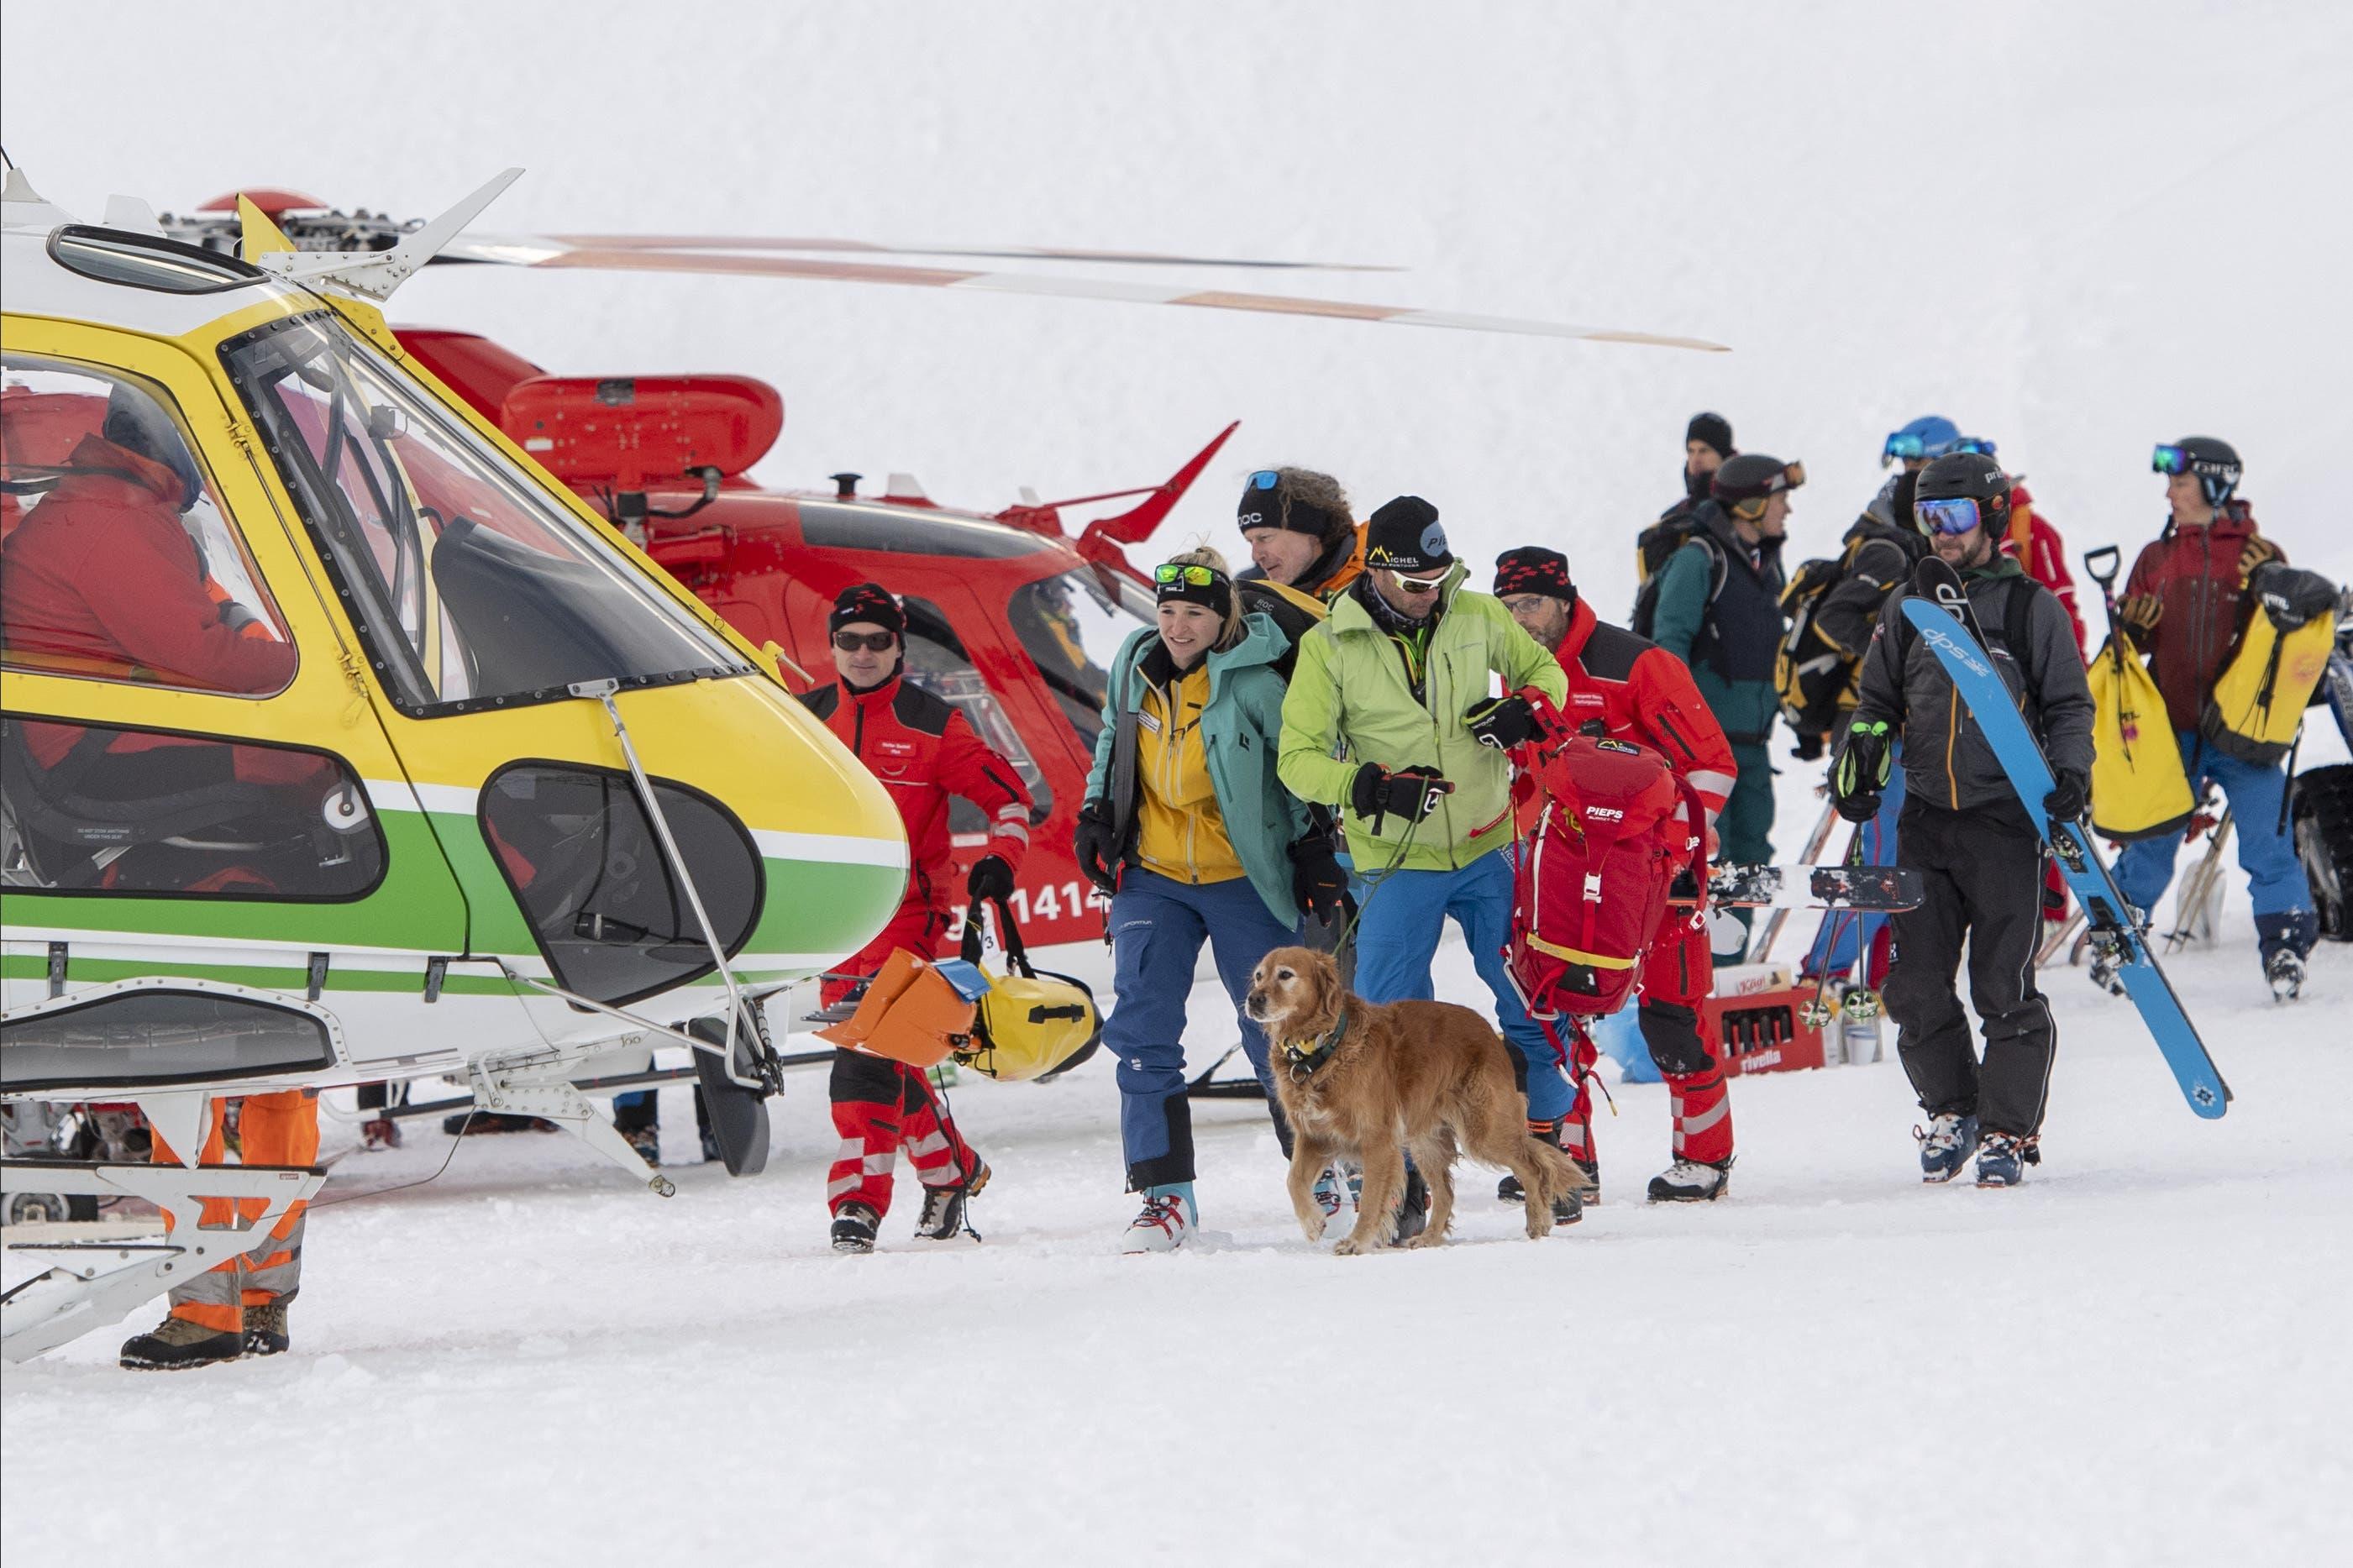 Mit Helikopter und Hunden wird nach allfälligen Verschütteten gesucht.